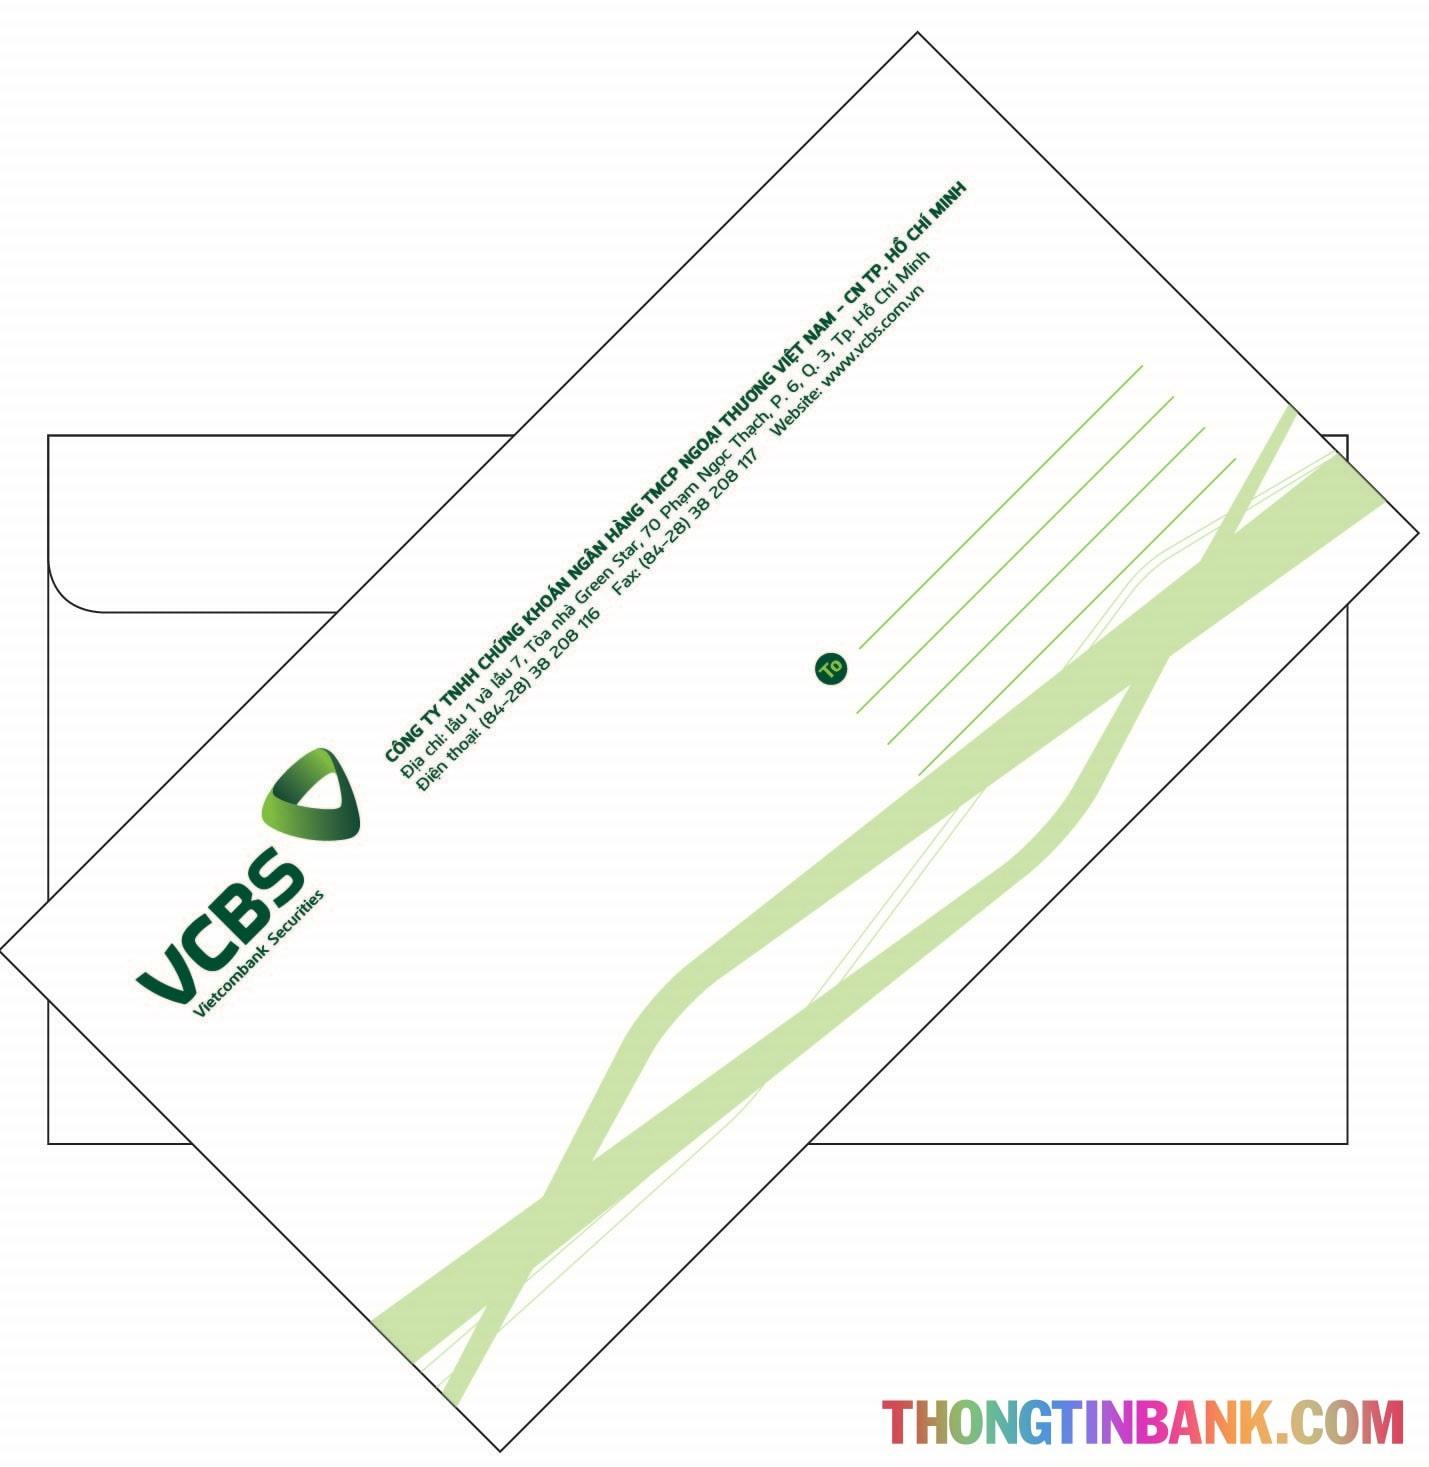 Kiểm tra số tài khoản vietcombank